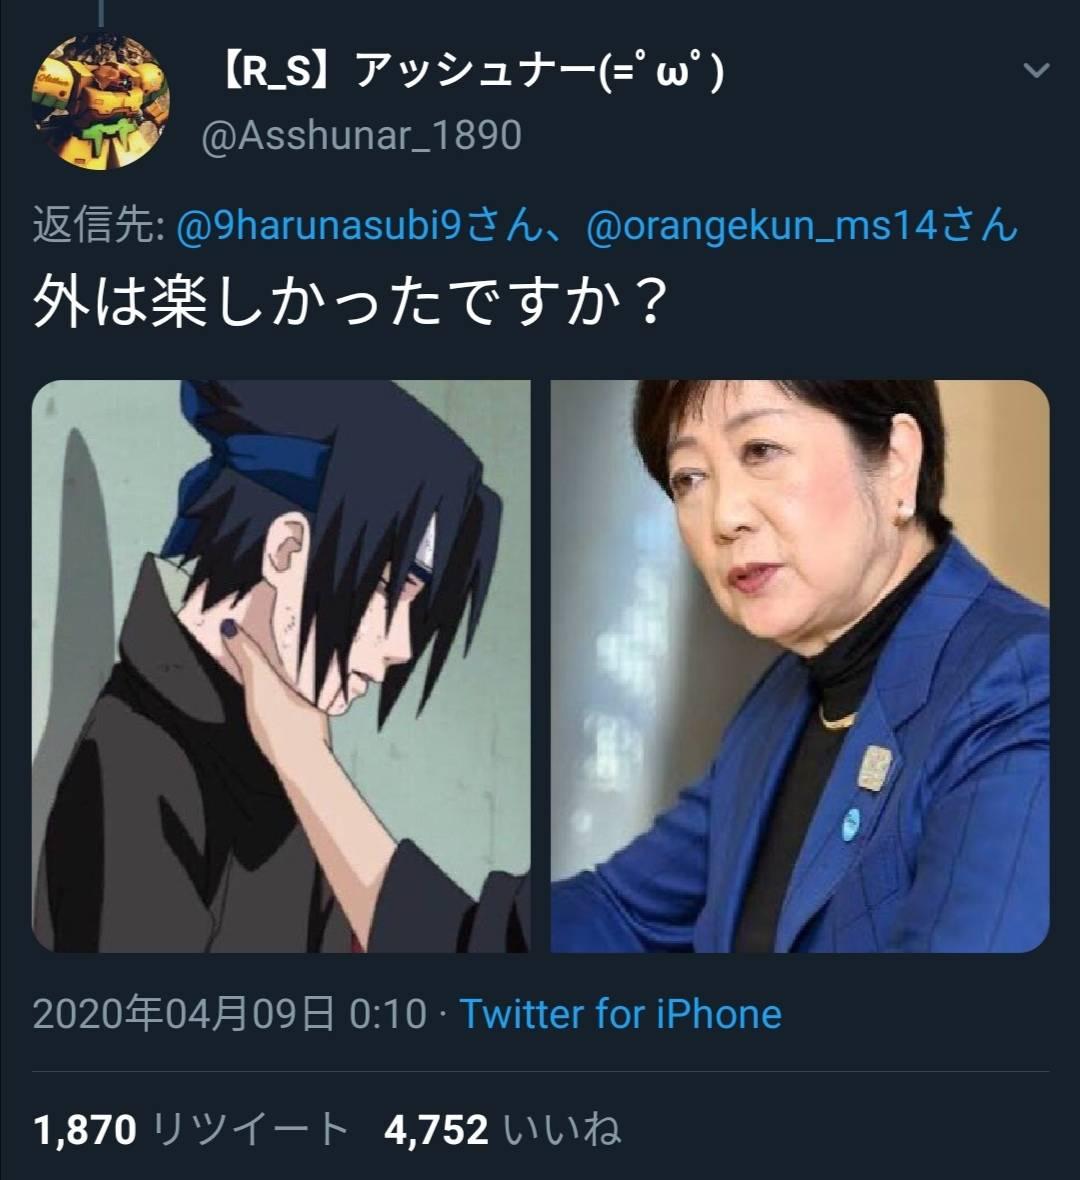 精子 アビガン 医療用医薬品 :